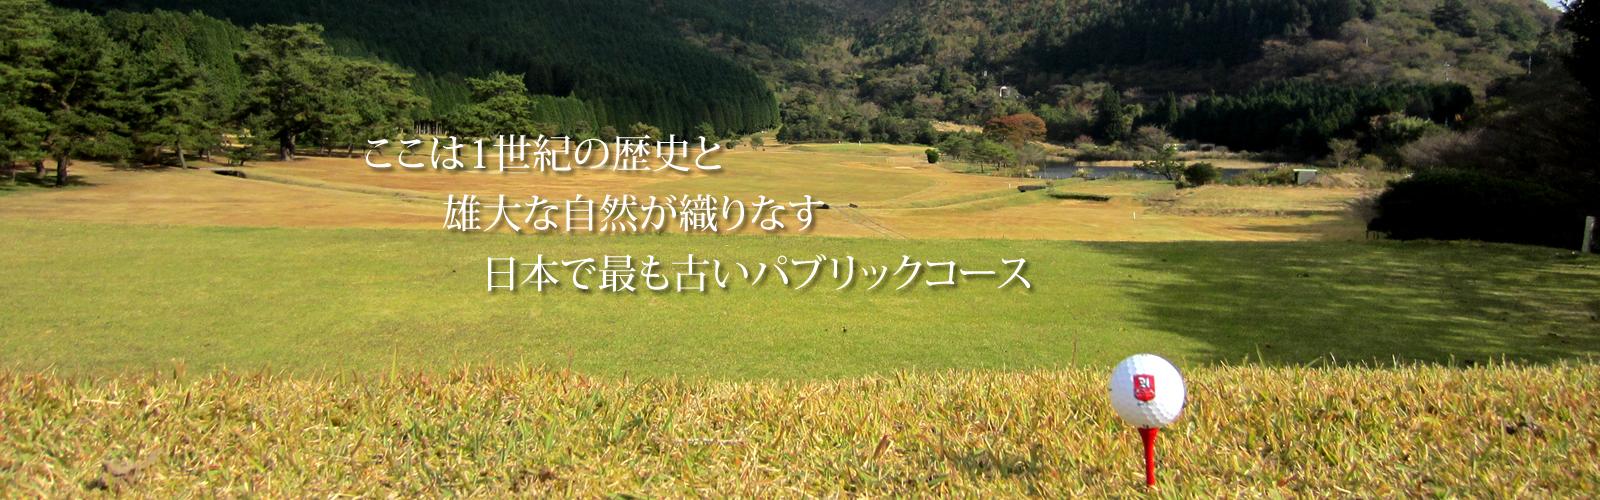 日本で最も古いパブリックコース